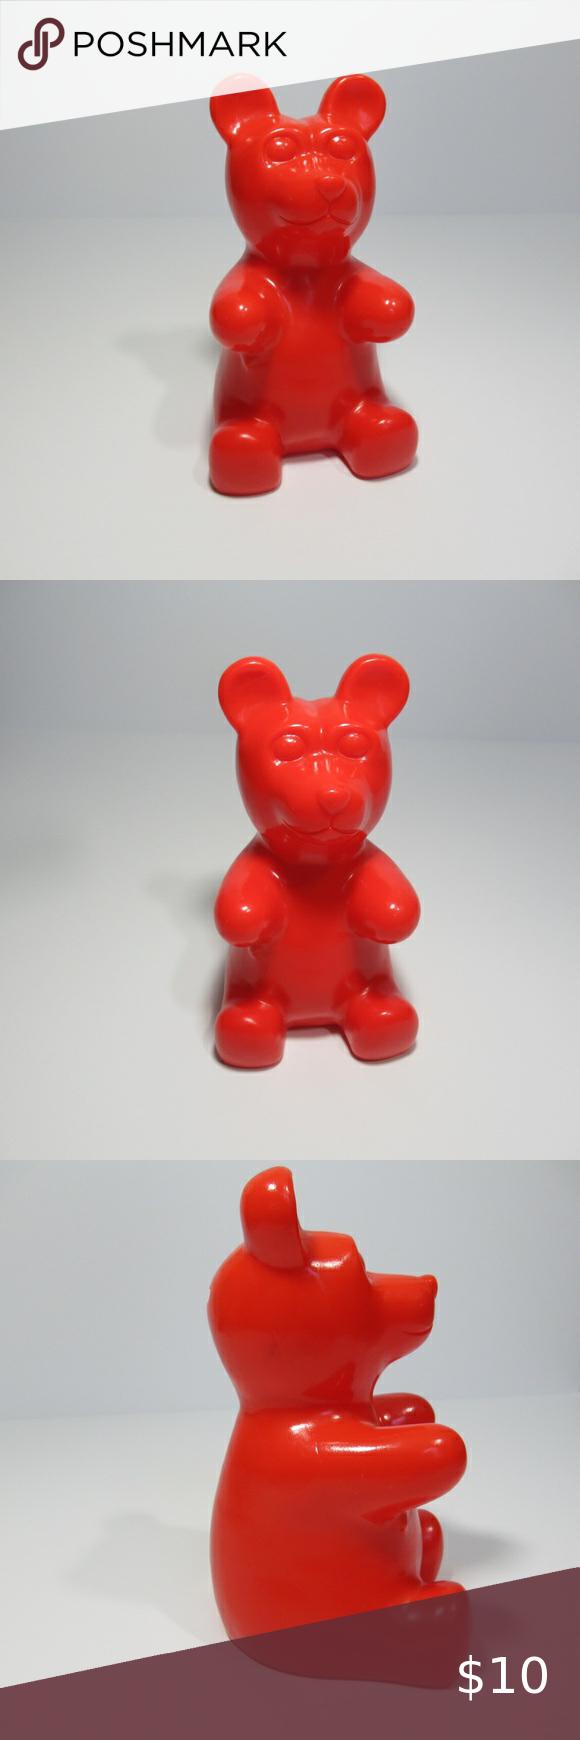 Red Gummy Bear Coin Bank Decor Gummy Bears Gummies Decor